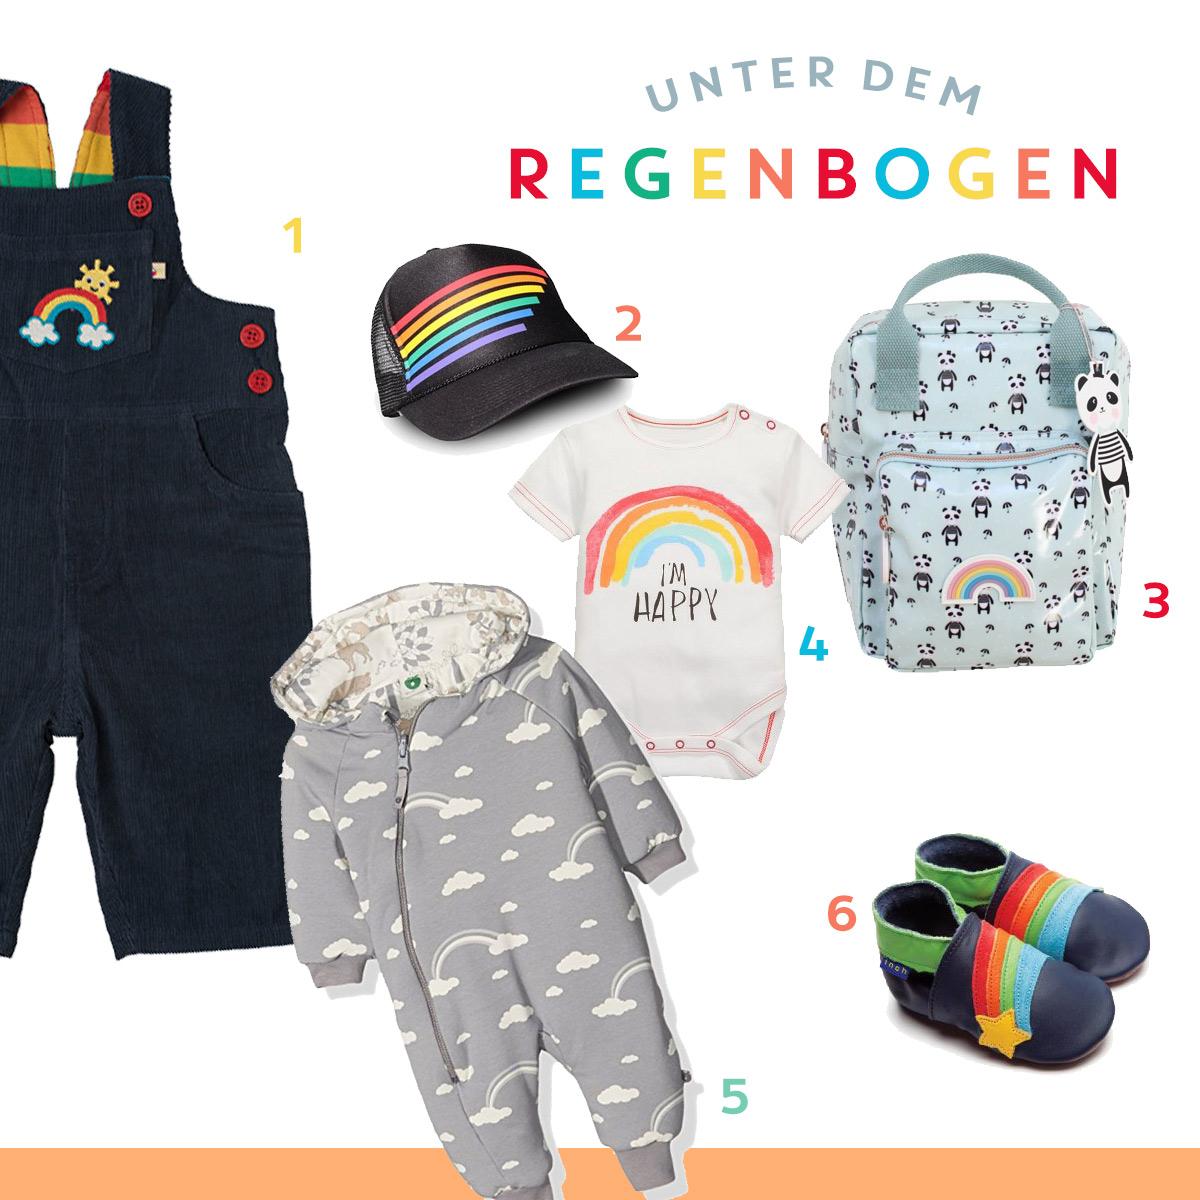 regenbogen-kindermode-queer-babykleidung